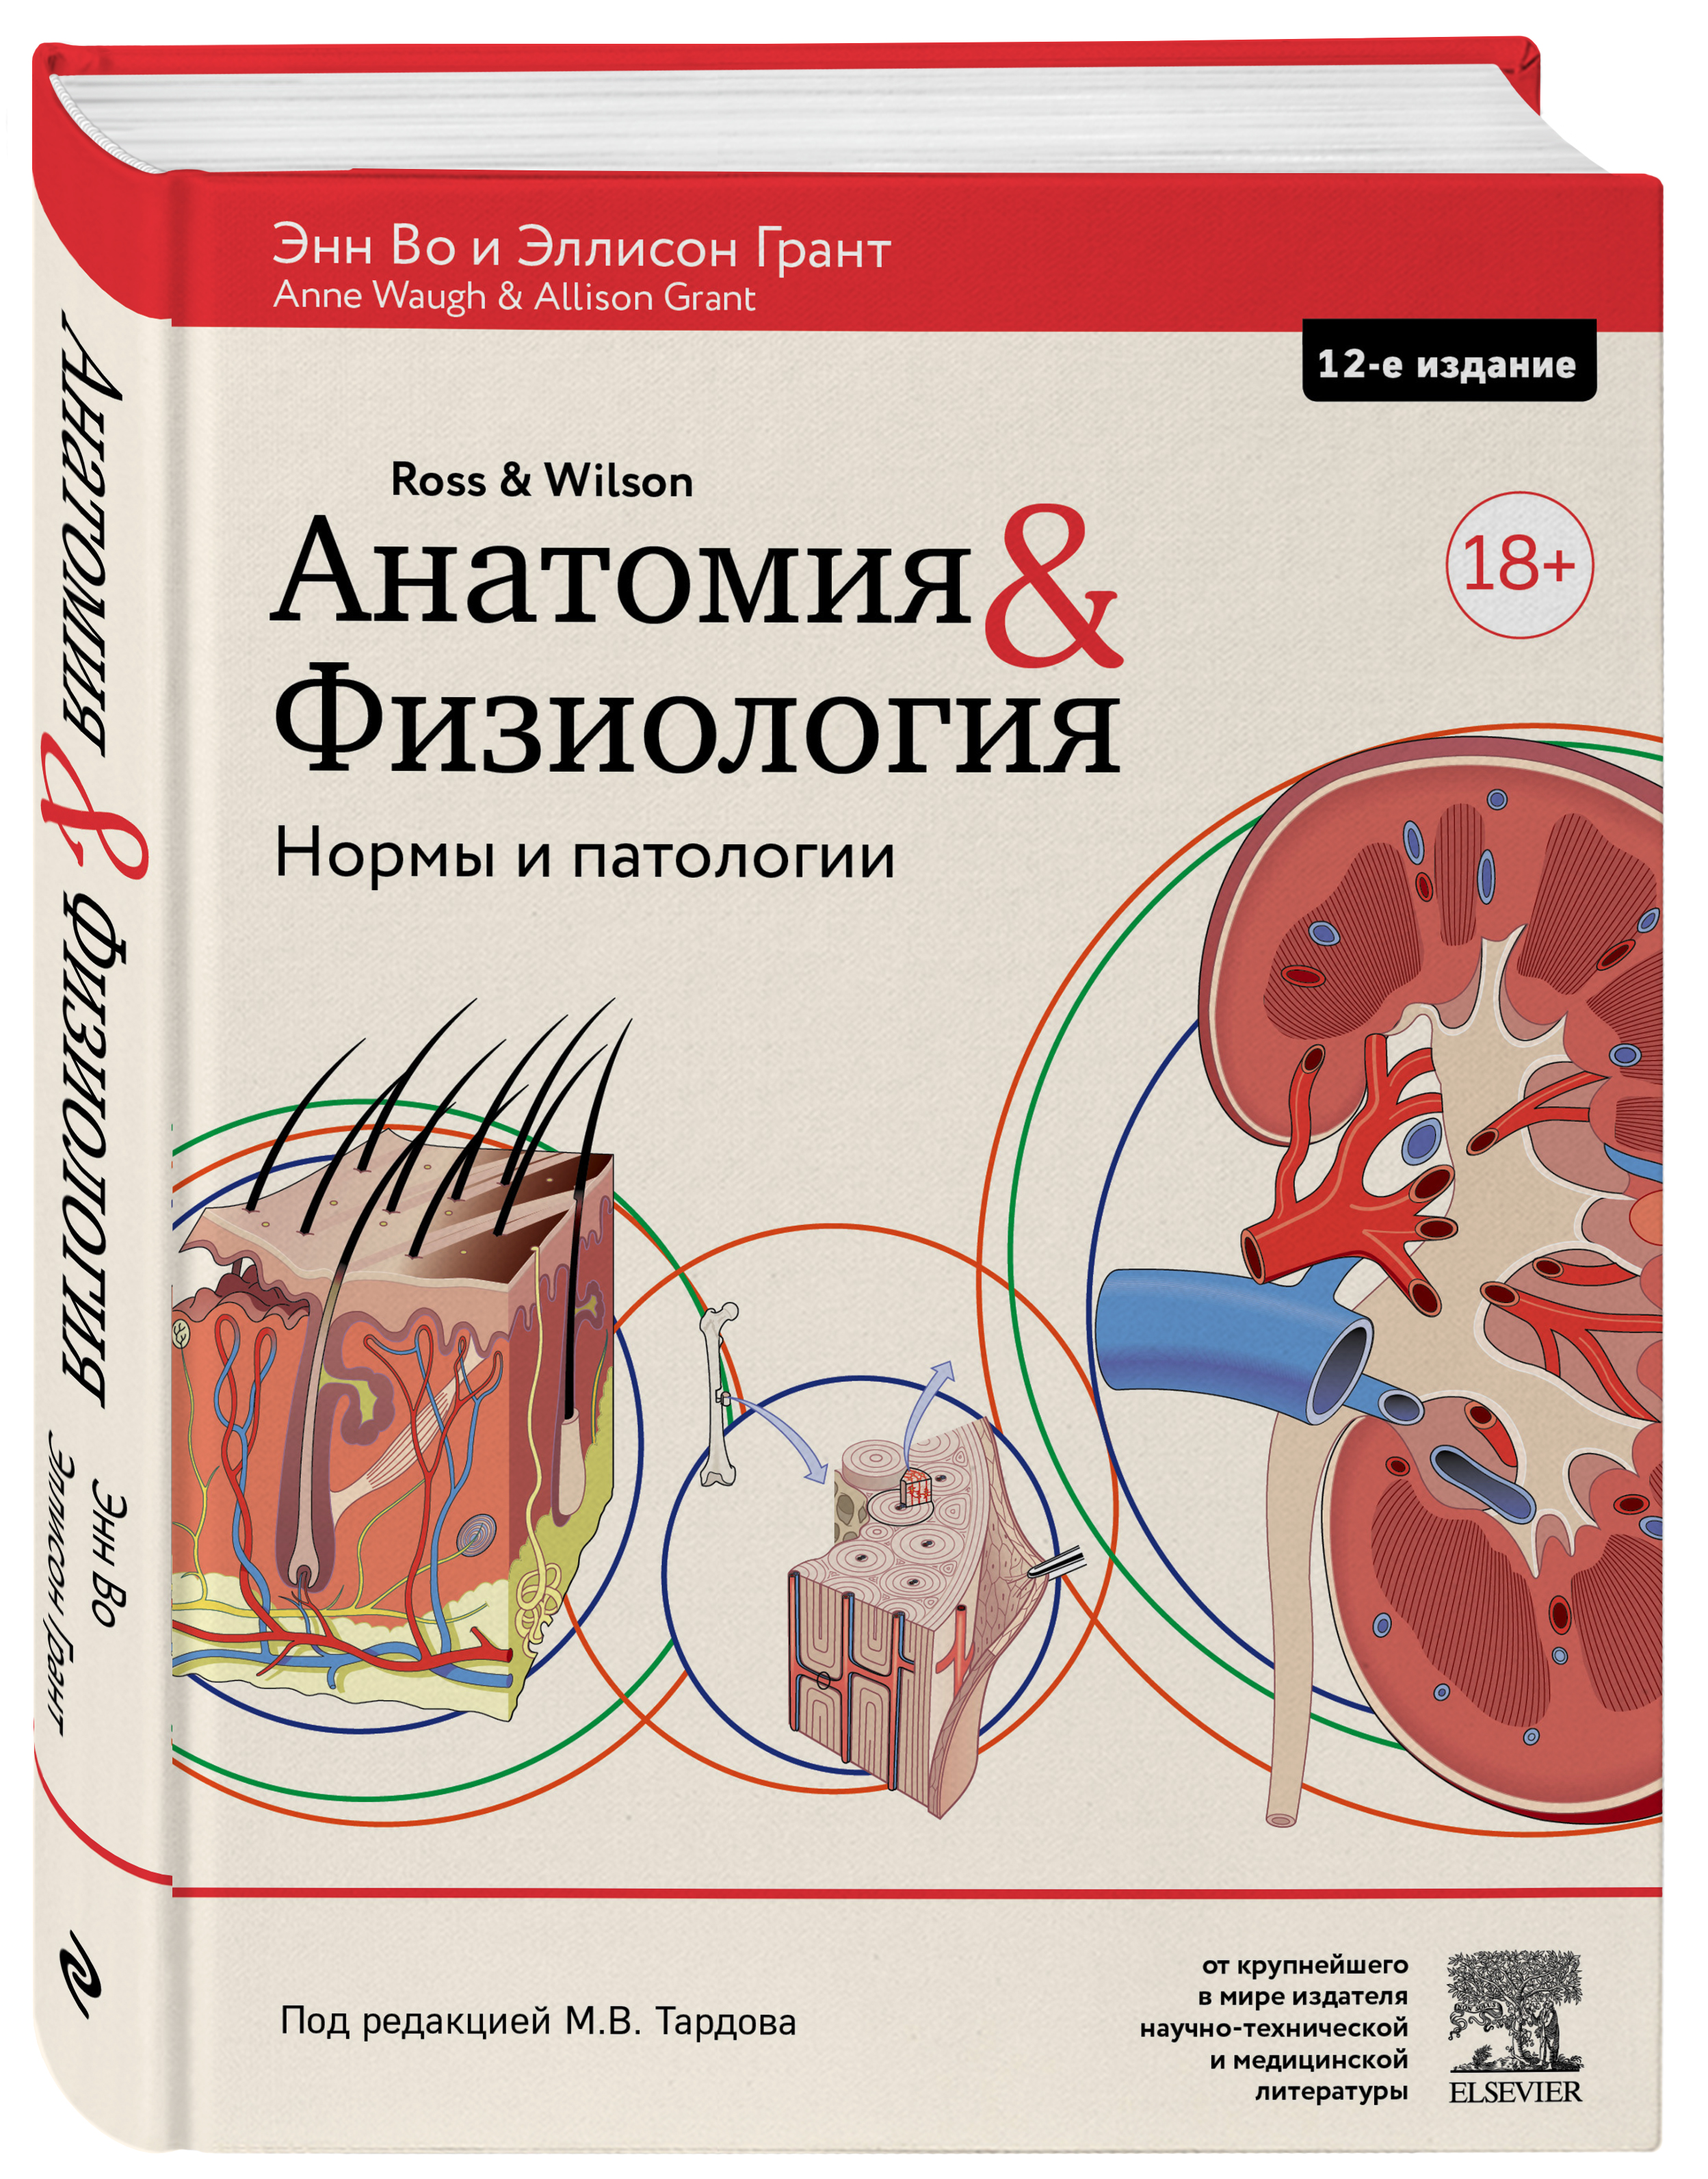 Анатомия и физиология: здоровье и заболевания ( Анна Во, Эллисон Грант  )